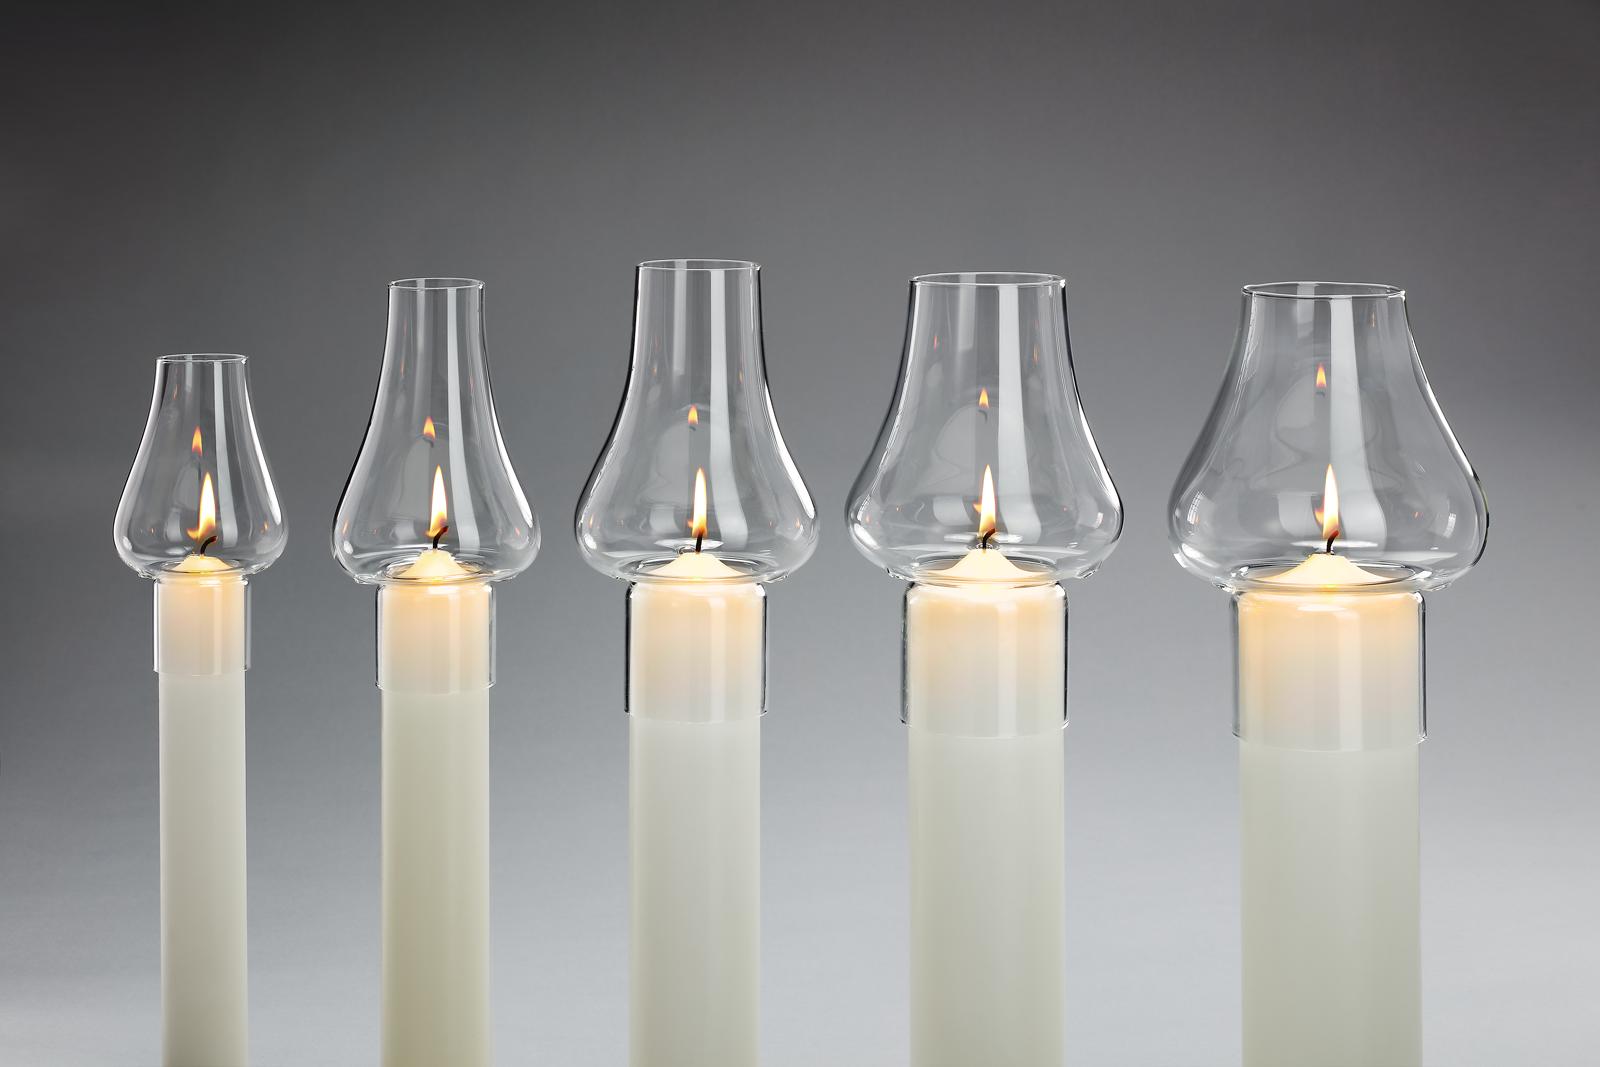 kirchenbedarf friedrich windschutz glas f r kerzen mit 8 cm durchmesser online kaufen. Black Bedroom Furniture Sets. Home Design Ideas